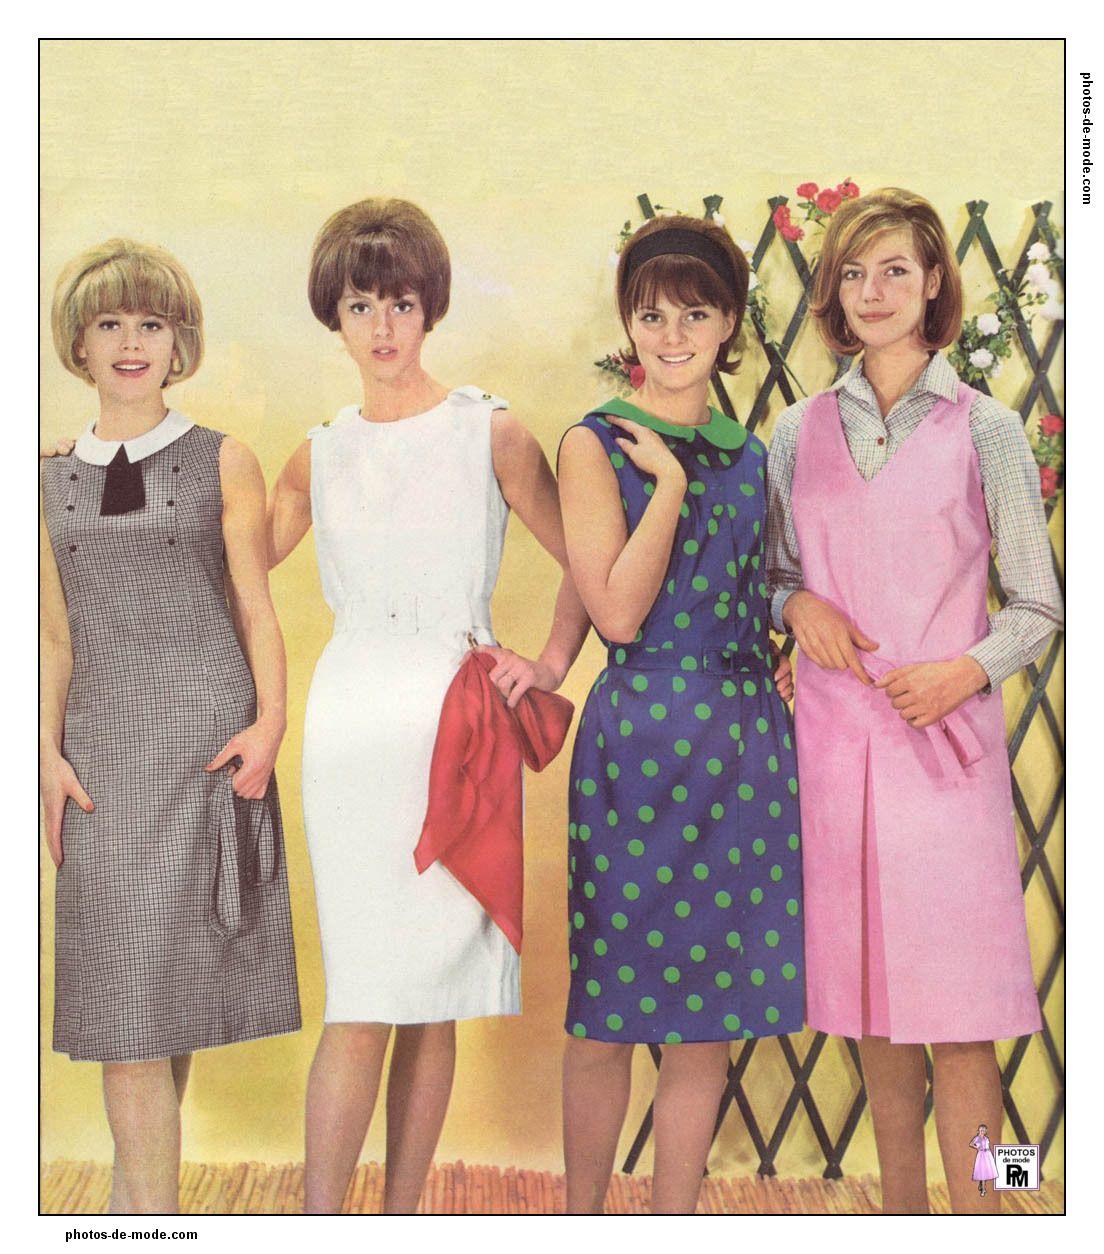 photos de mode r tro des ann es 1950 1960 et 1970 femmes et stars des fifties sixties et seventies. Black Bedroom Furniture Sets. Home Design Ideas